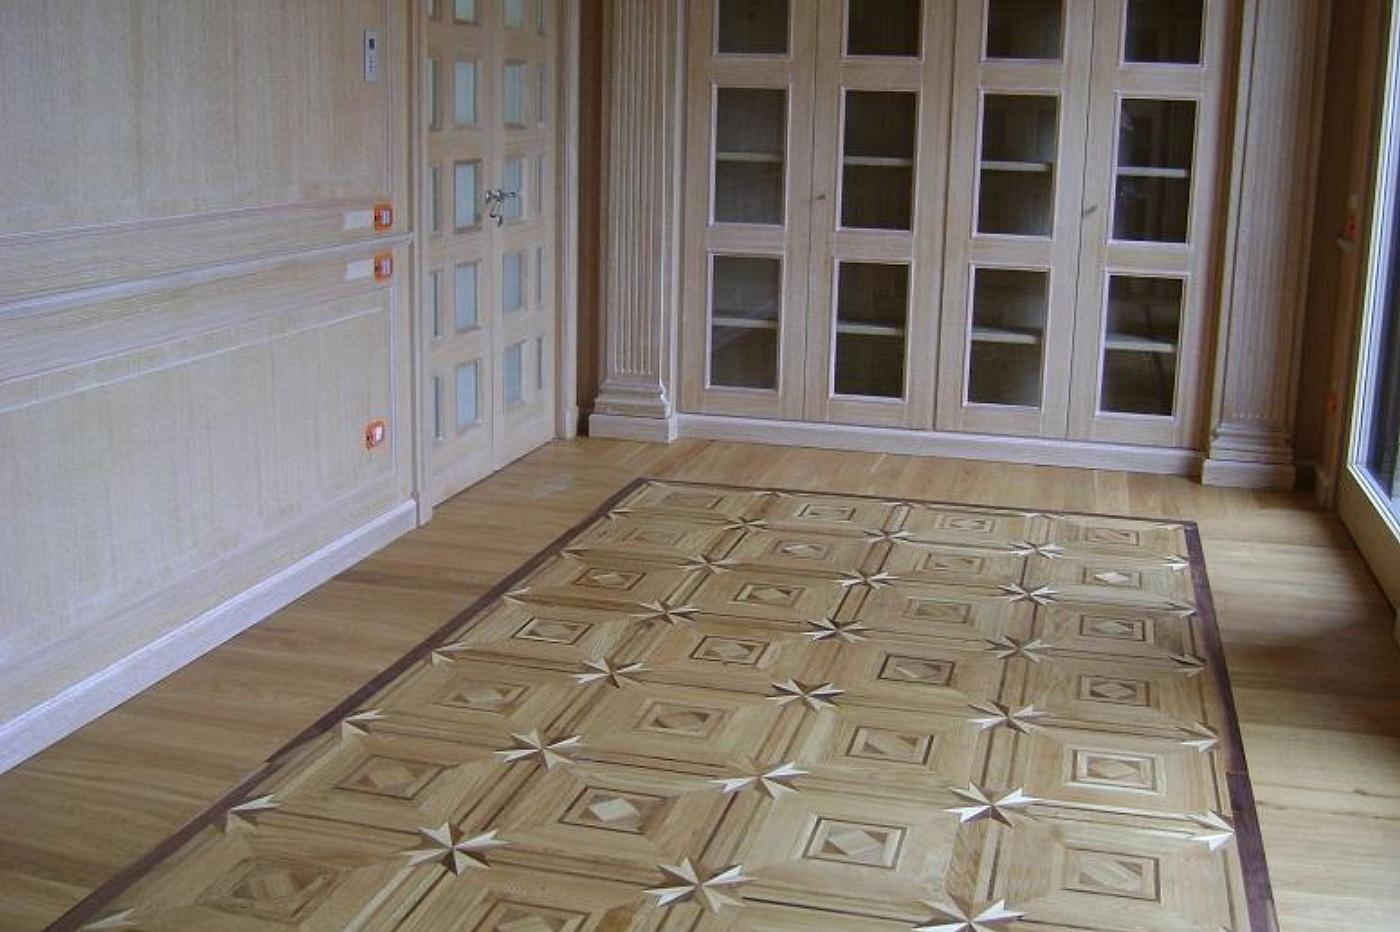 Sols interni di prestigio boiserie in legno - Rivestimenti legno interni ...